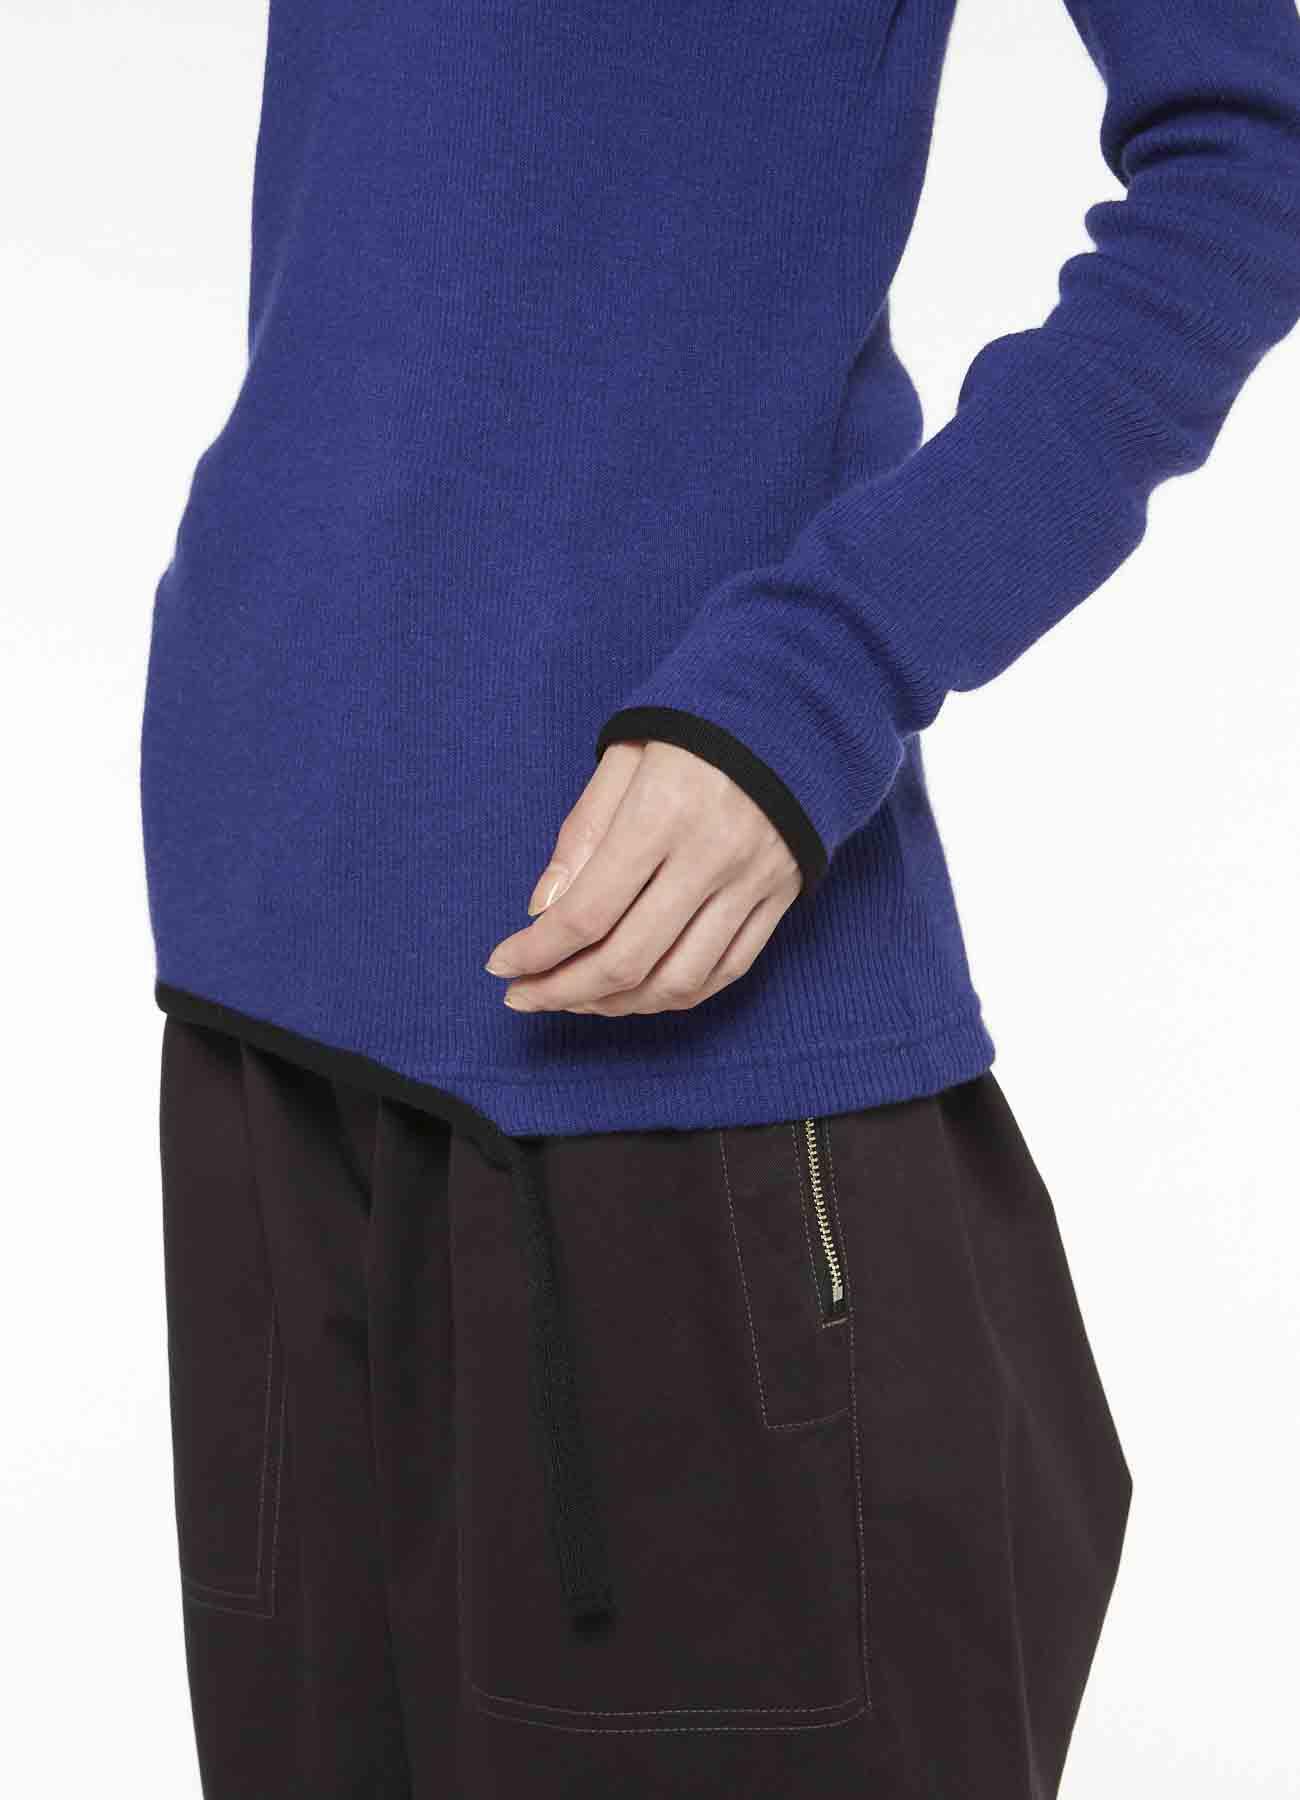 ANGORA WOOL RIB STITCH KNIT TAPE HIGHT NECK T-SHIRT